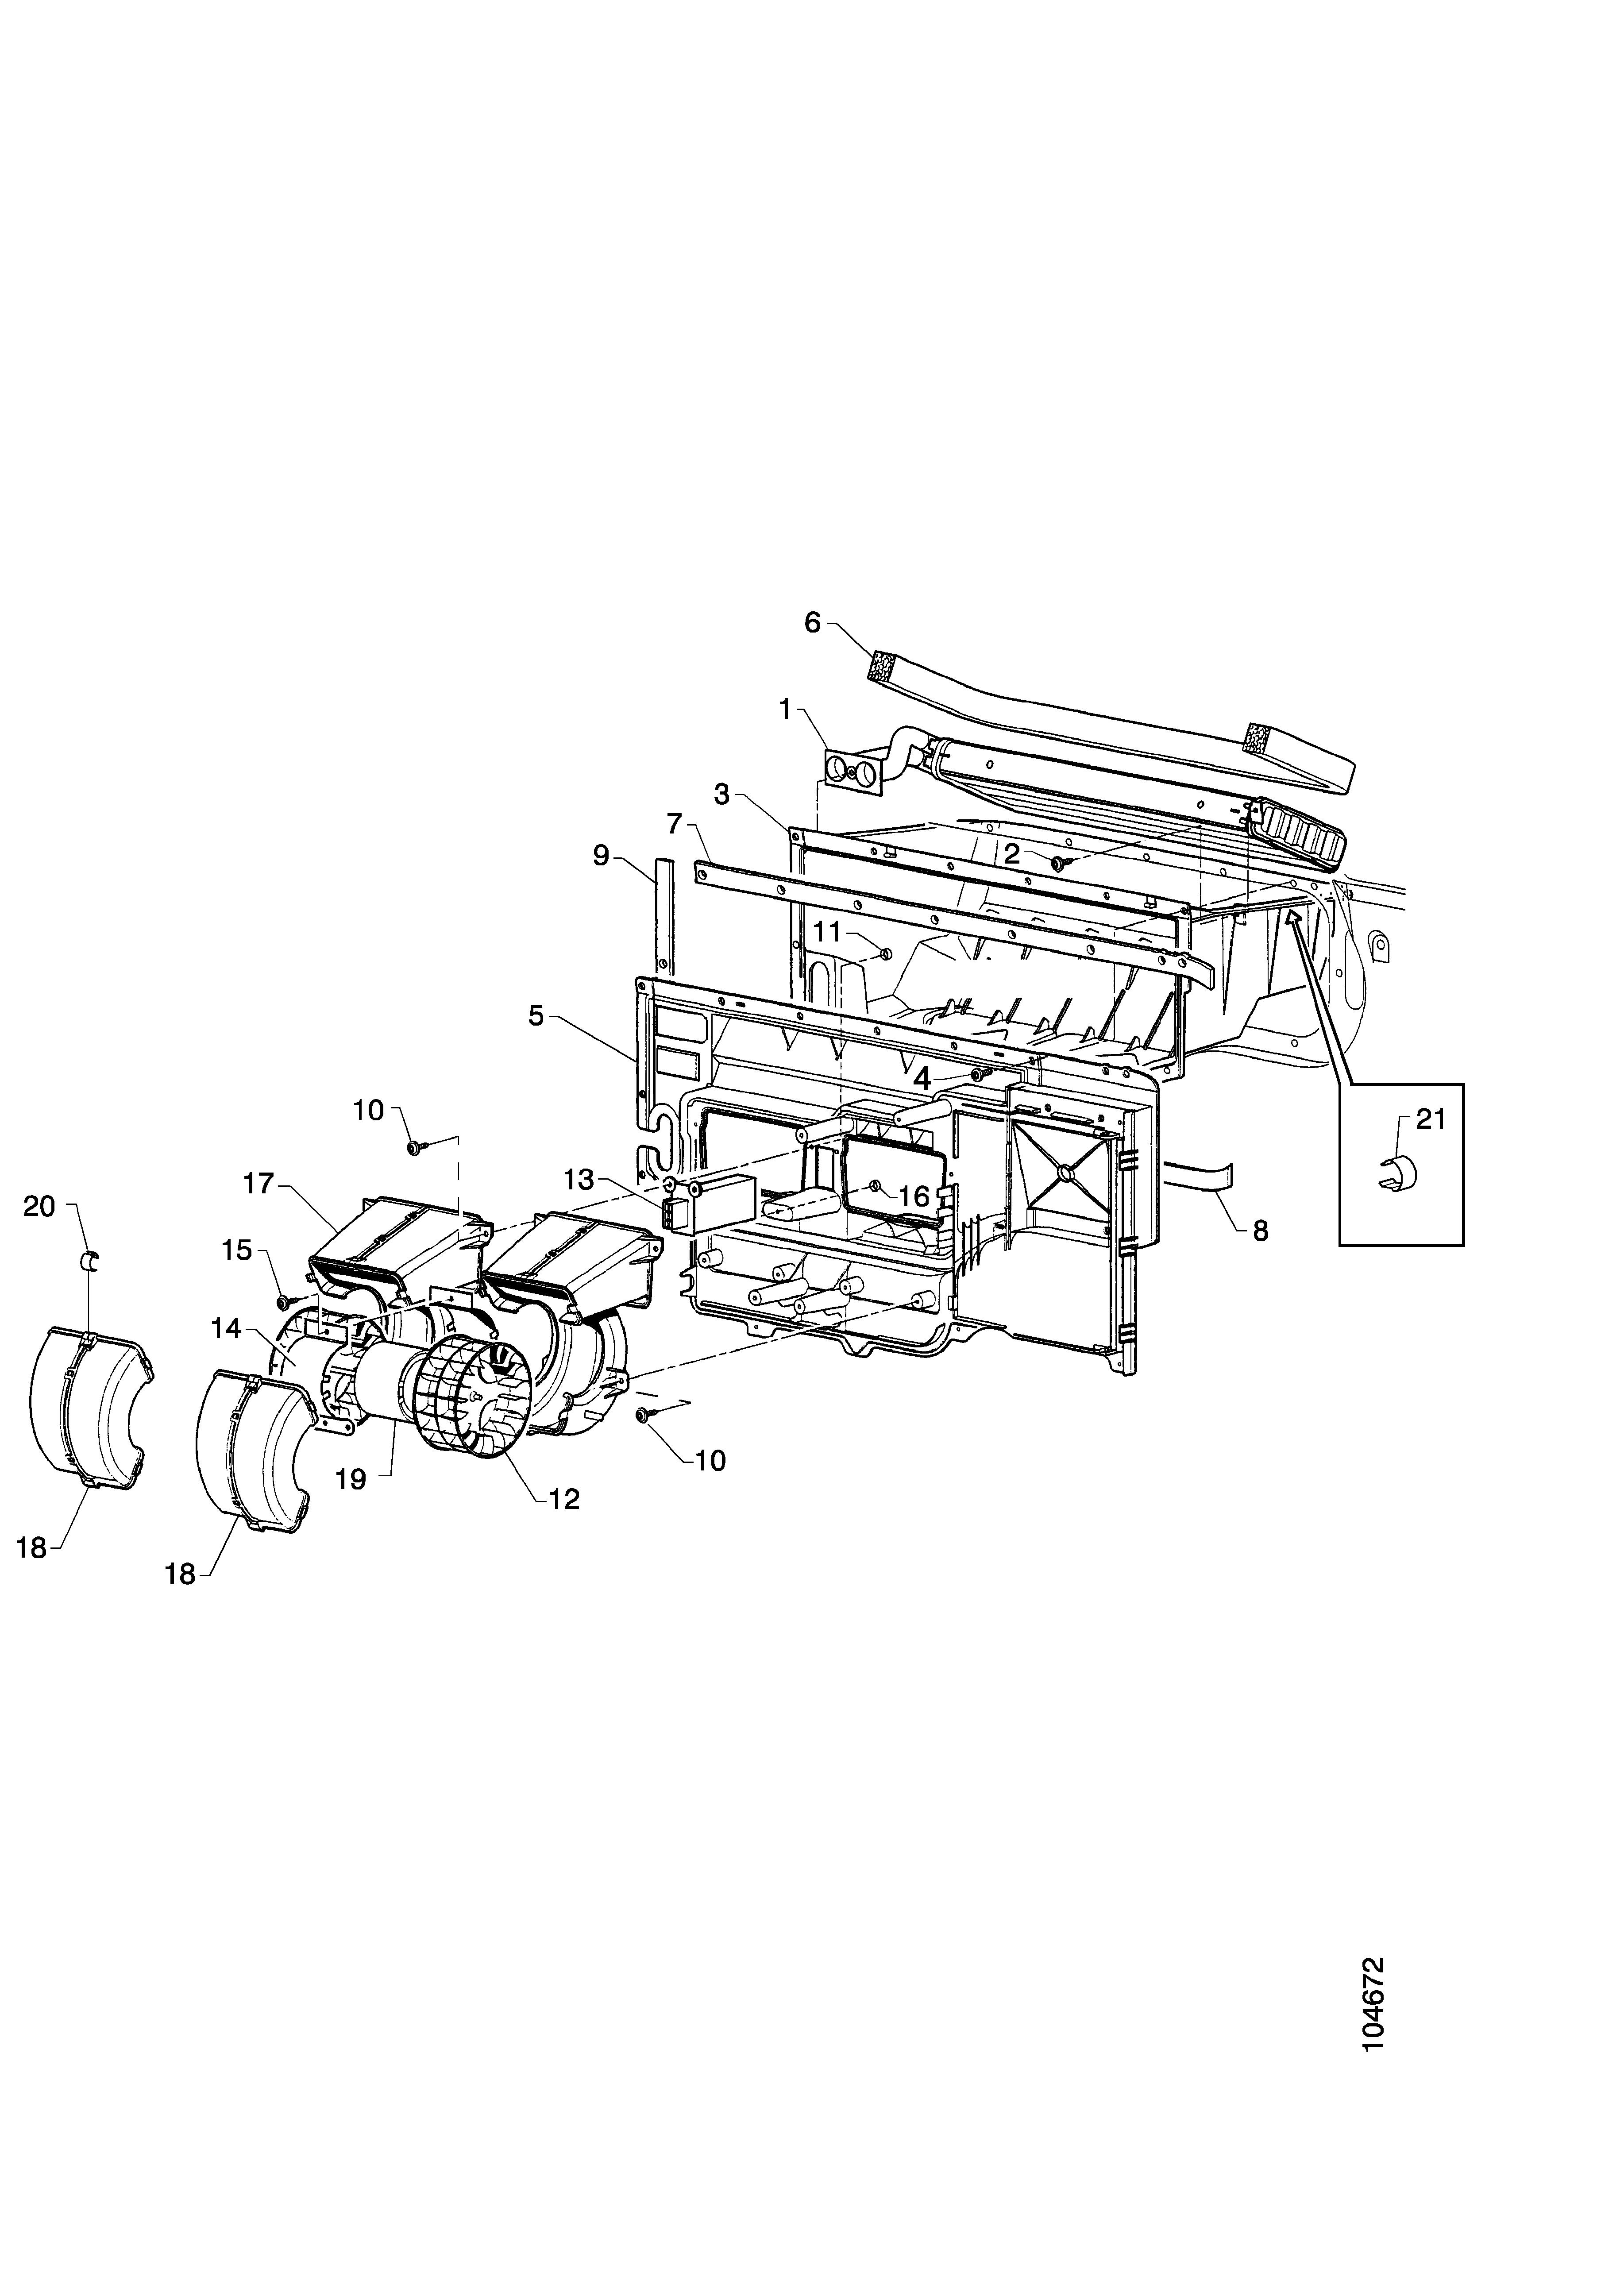 Теплообменник винтами корпус нормативы по ремонту теплообменников